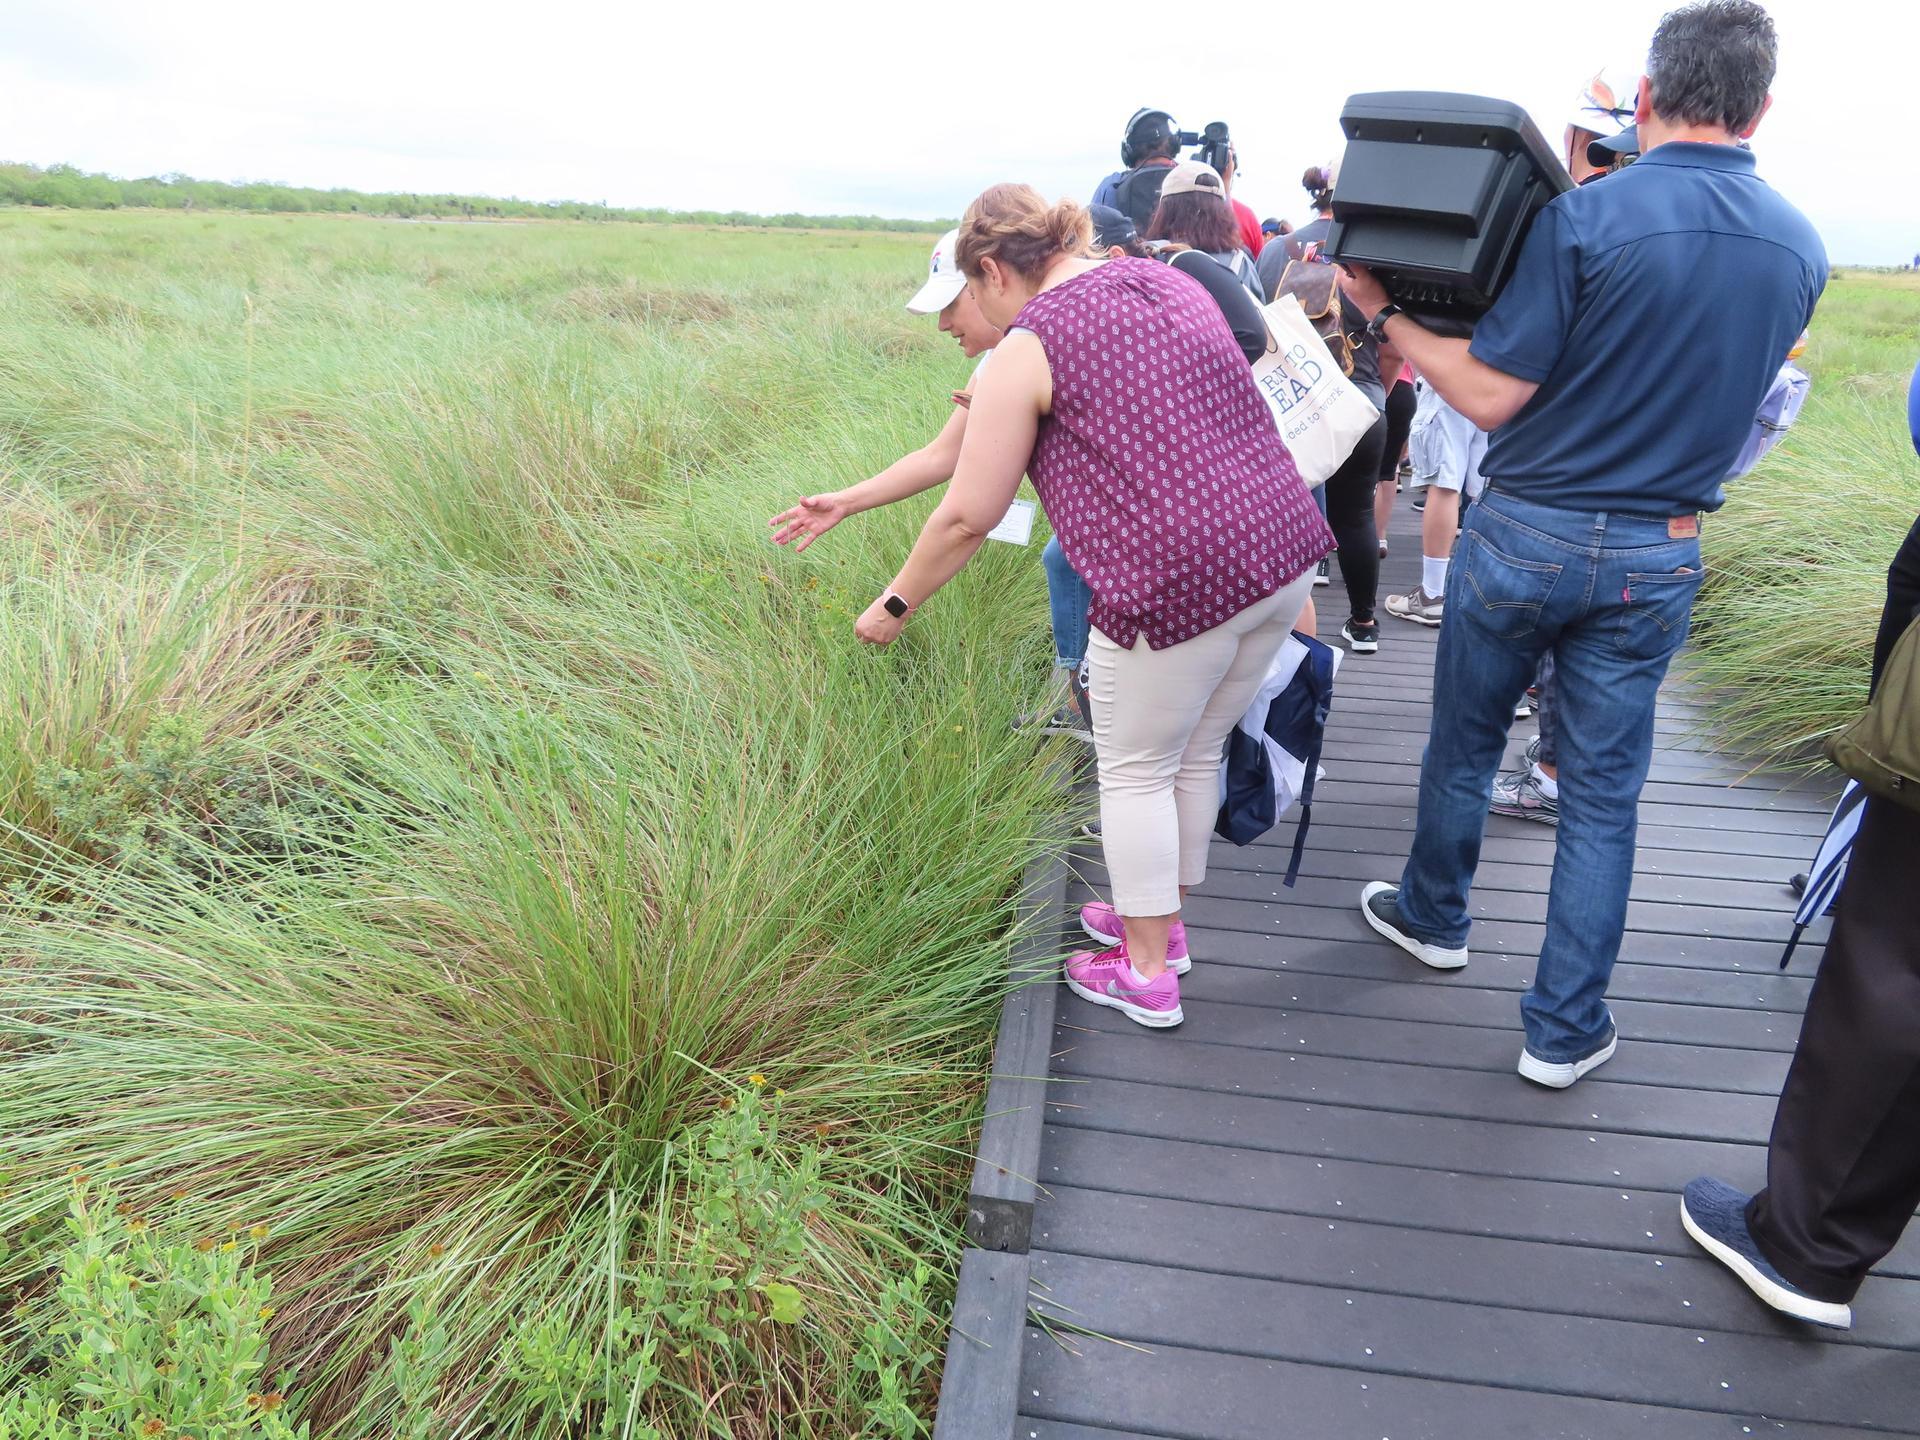 Teachers observing wild grass